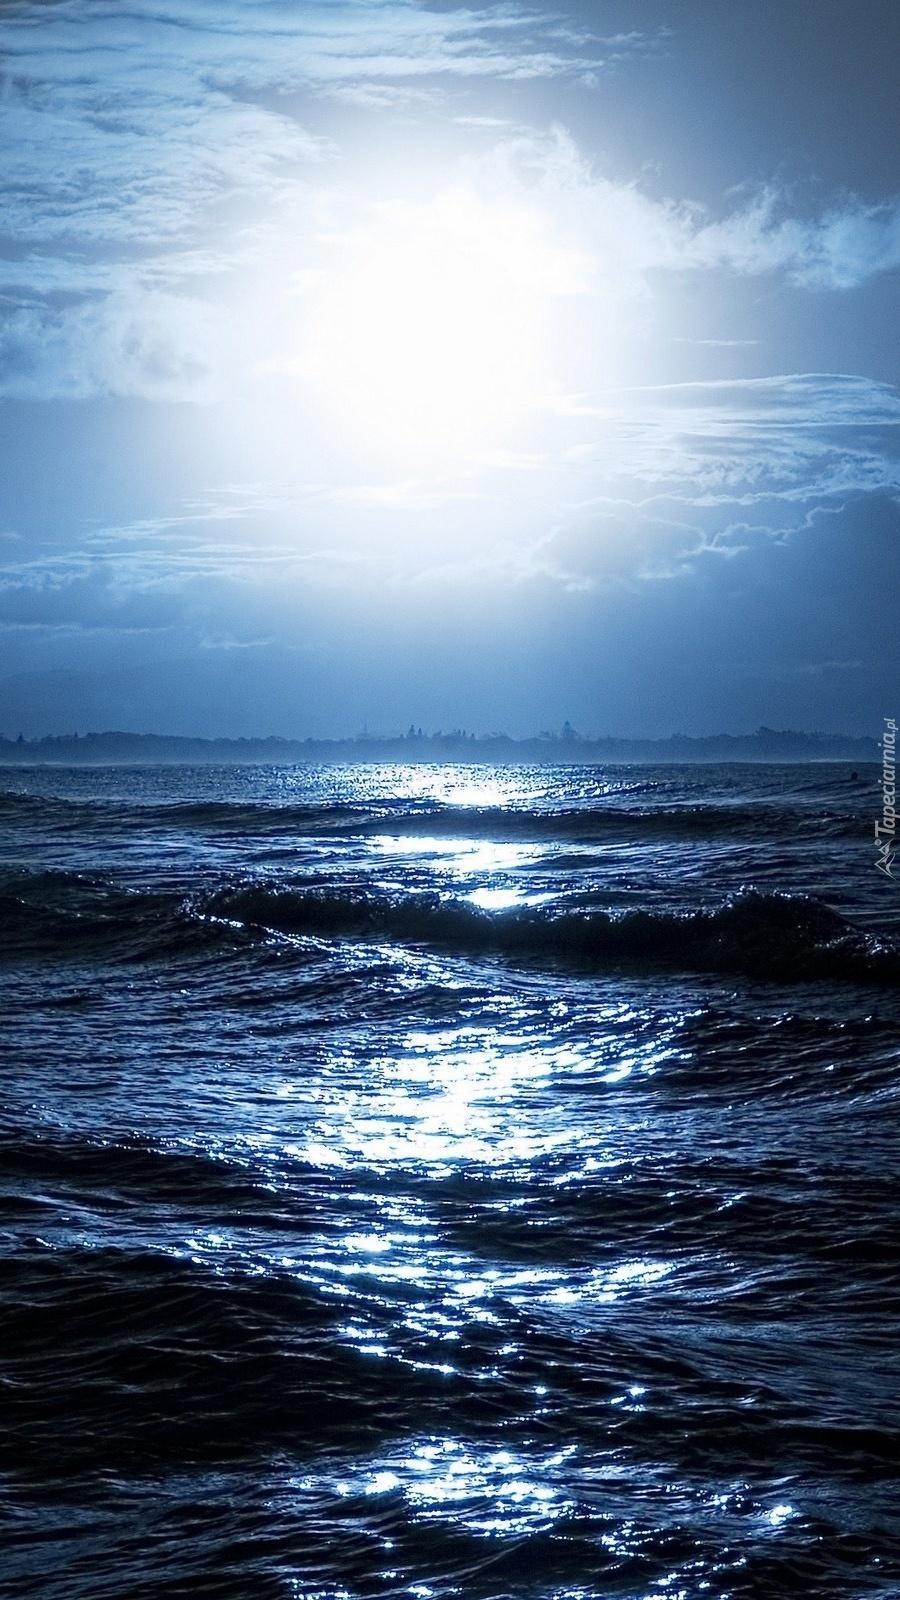 Księżycowa noc nad morzem